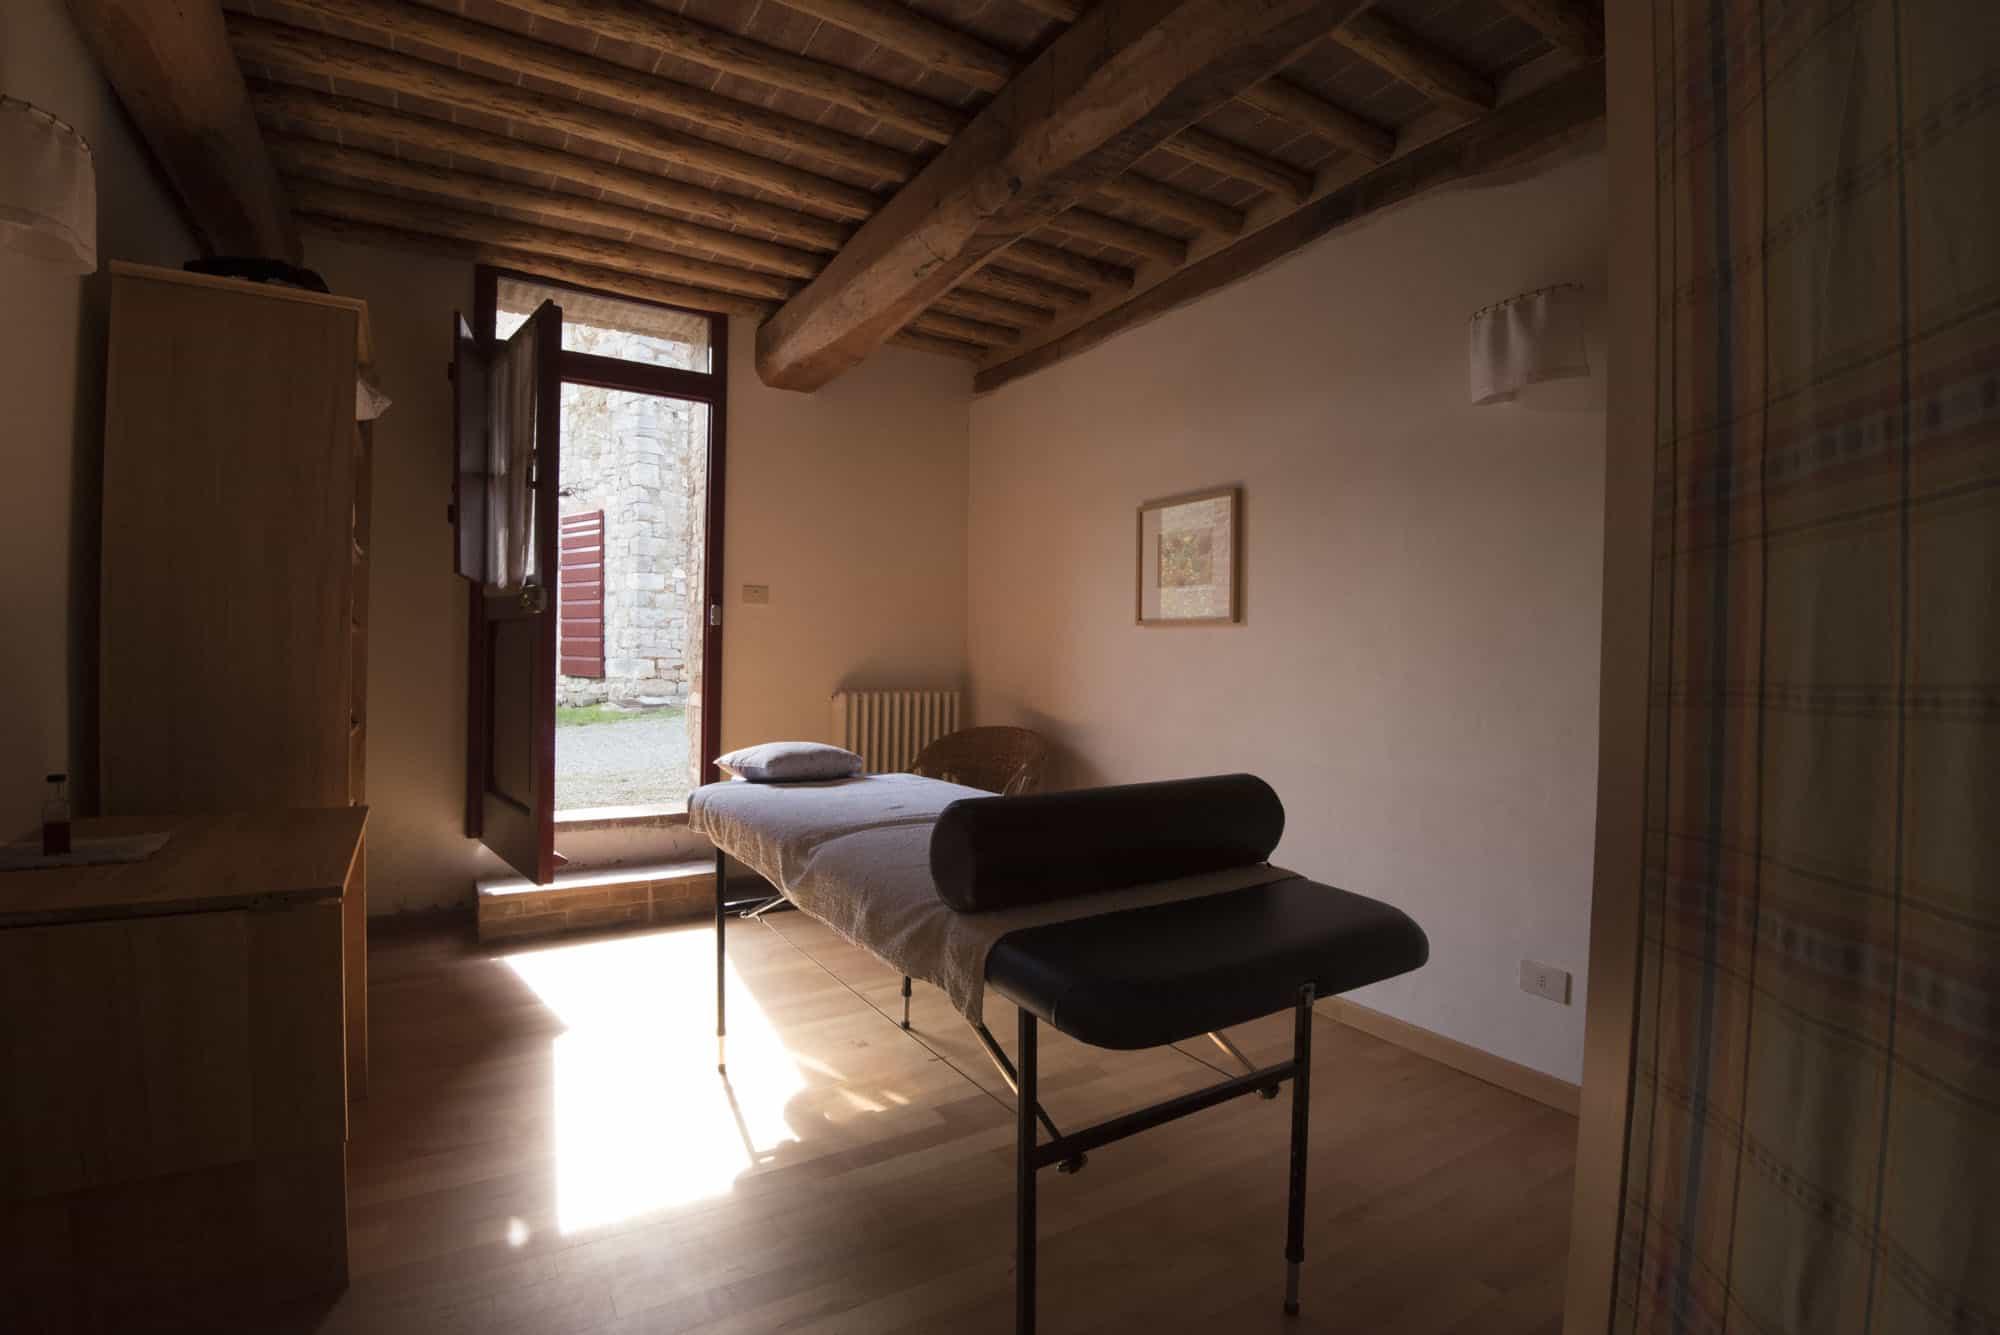 massaggi02